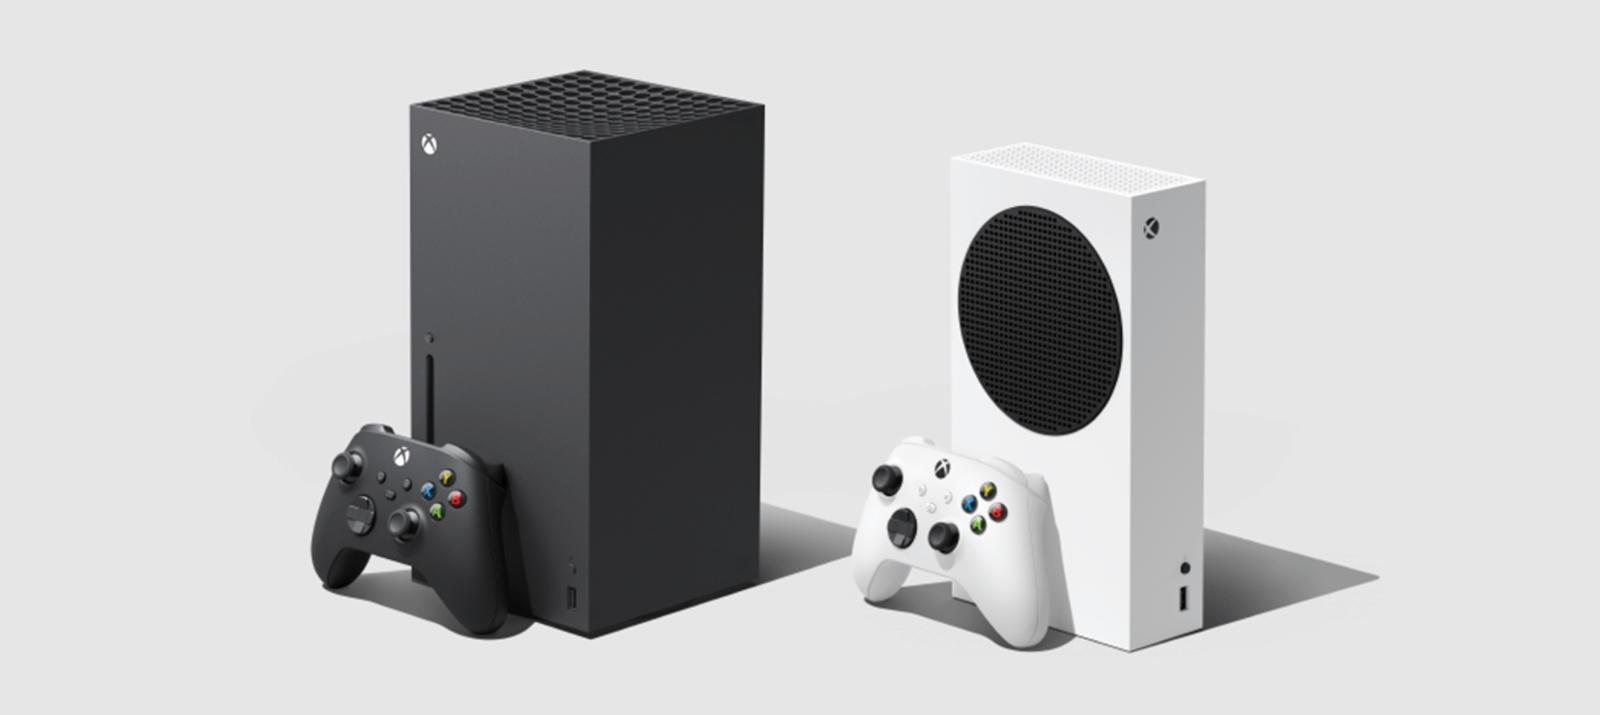 Инсайдер опубликовал презентацию Xbox, на которой изначально должны были анонсировать Xbox Series S